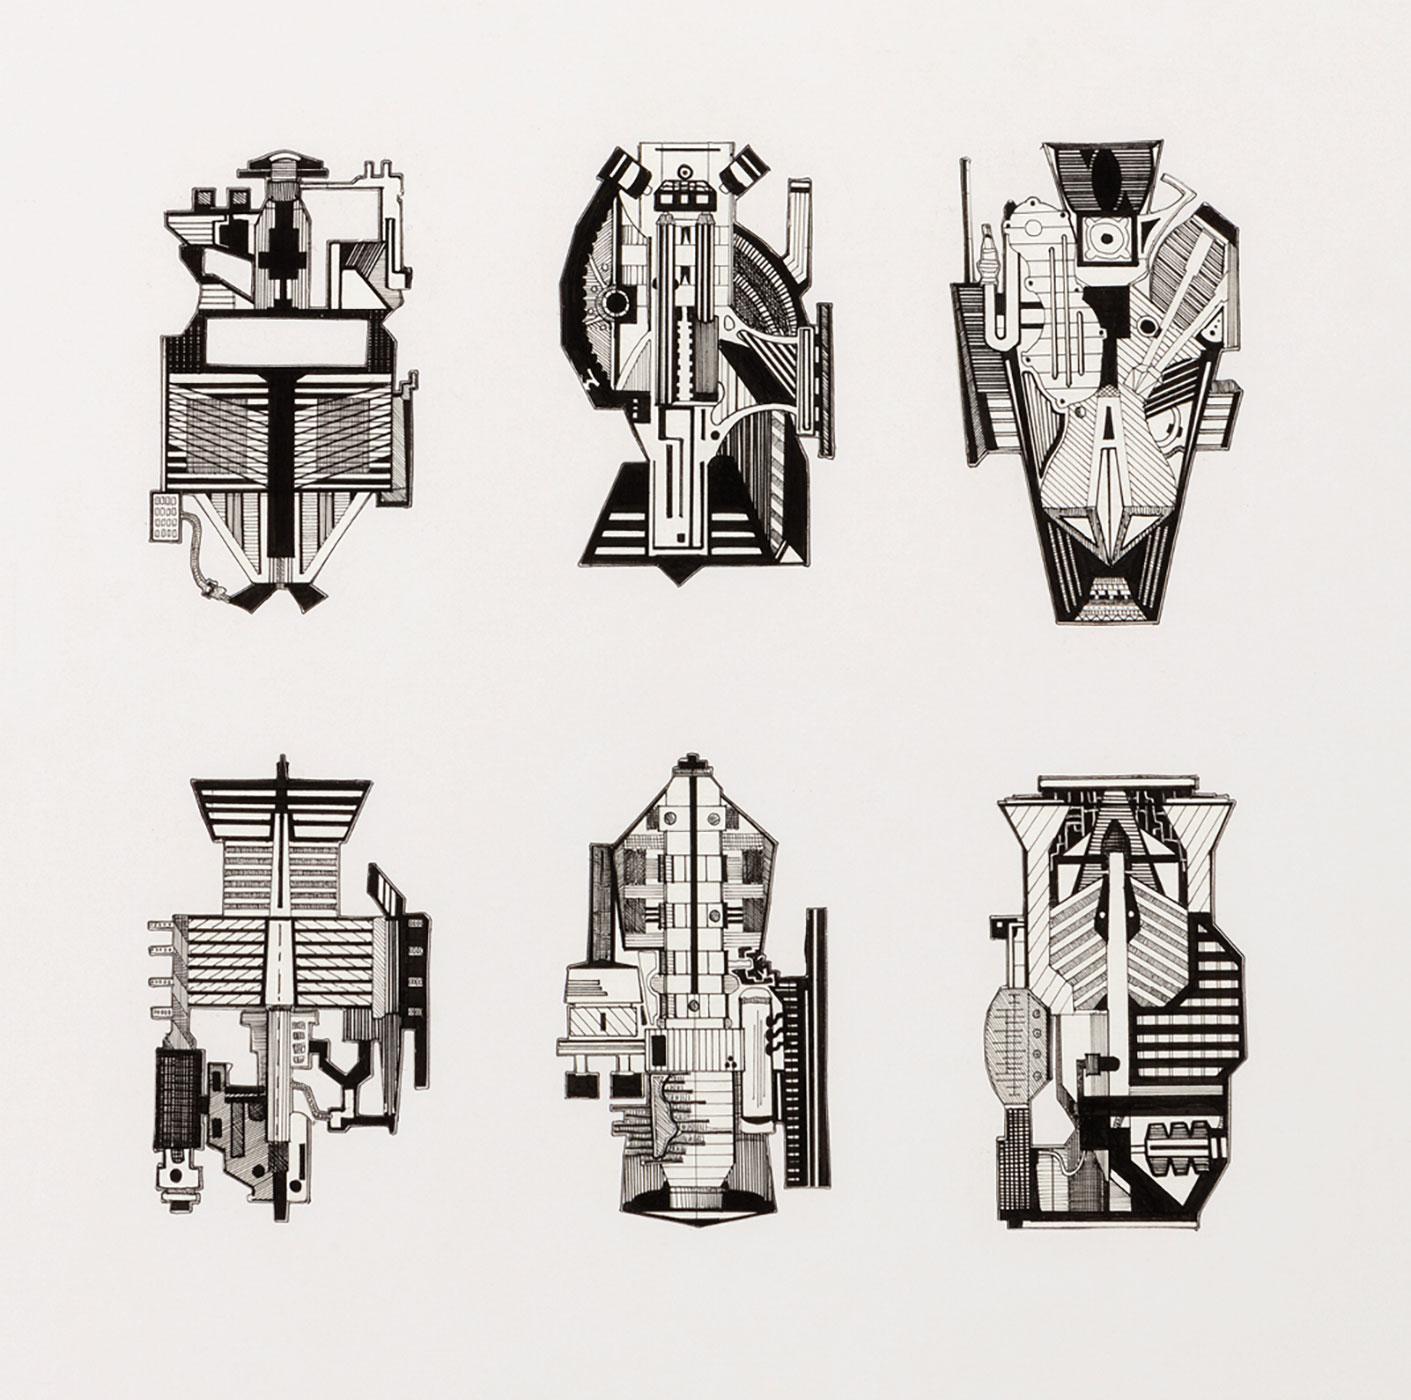 Nate Lebsack - Engines